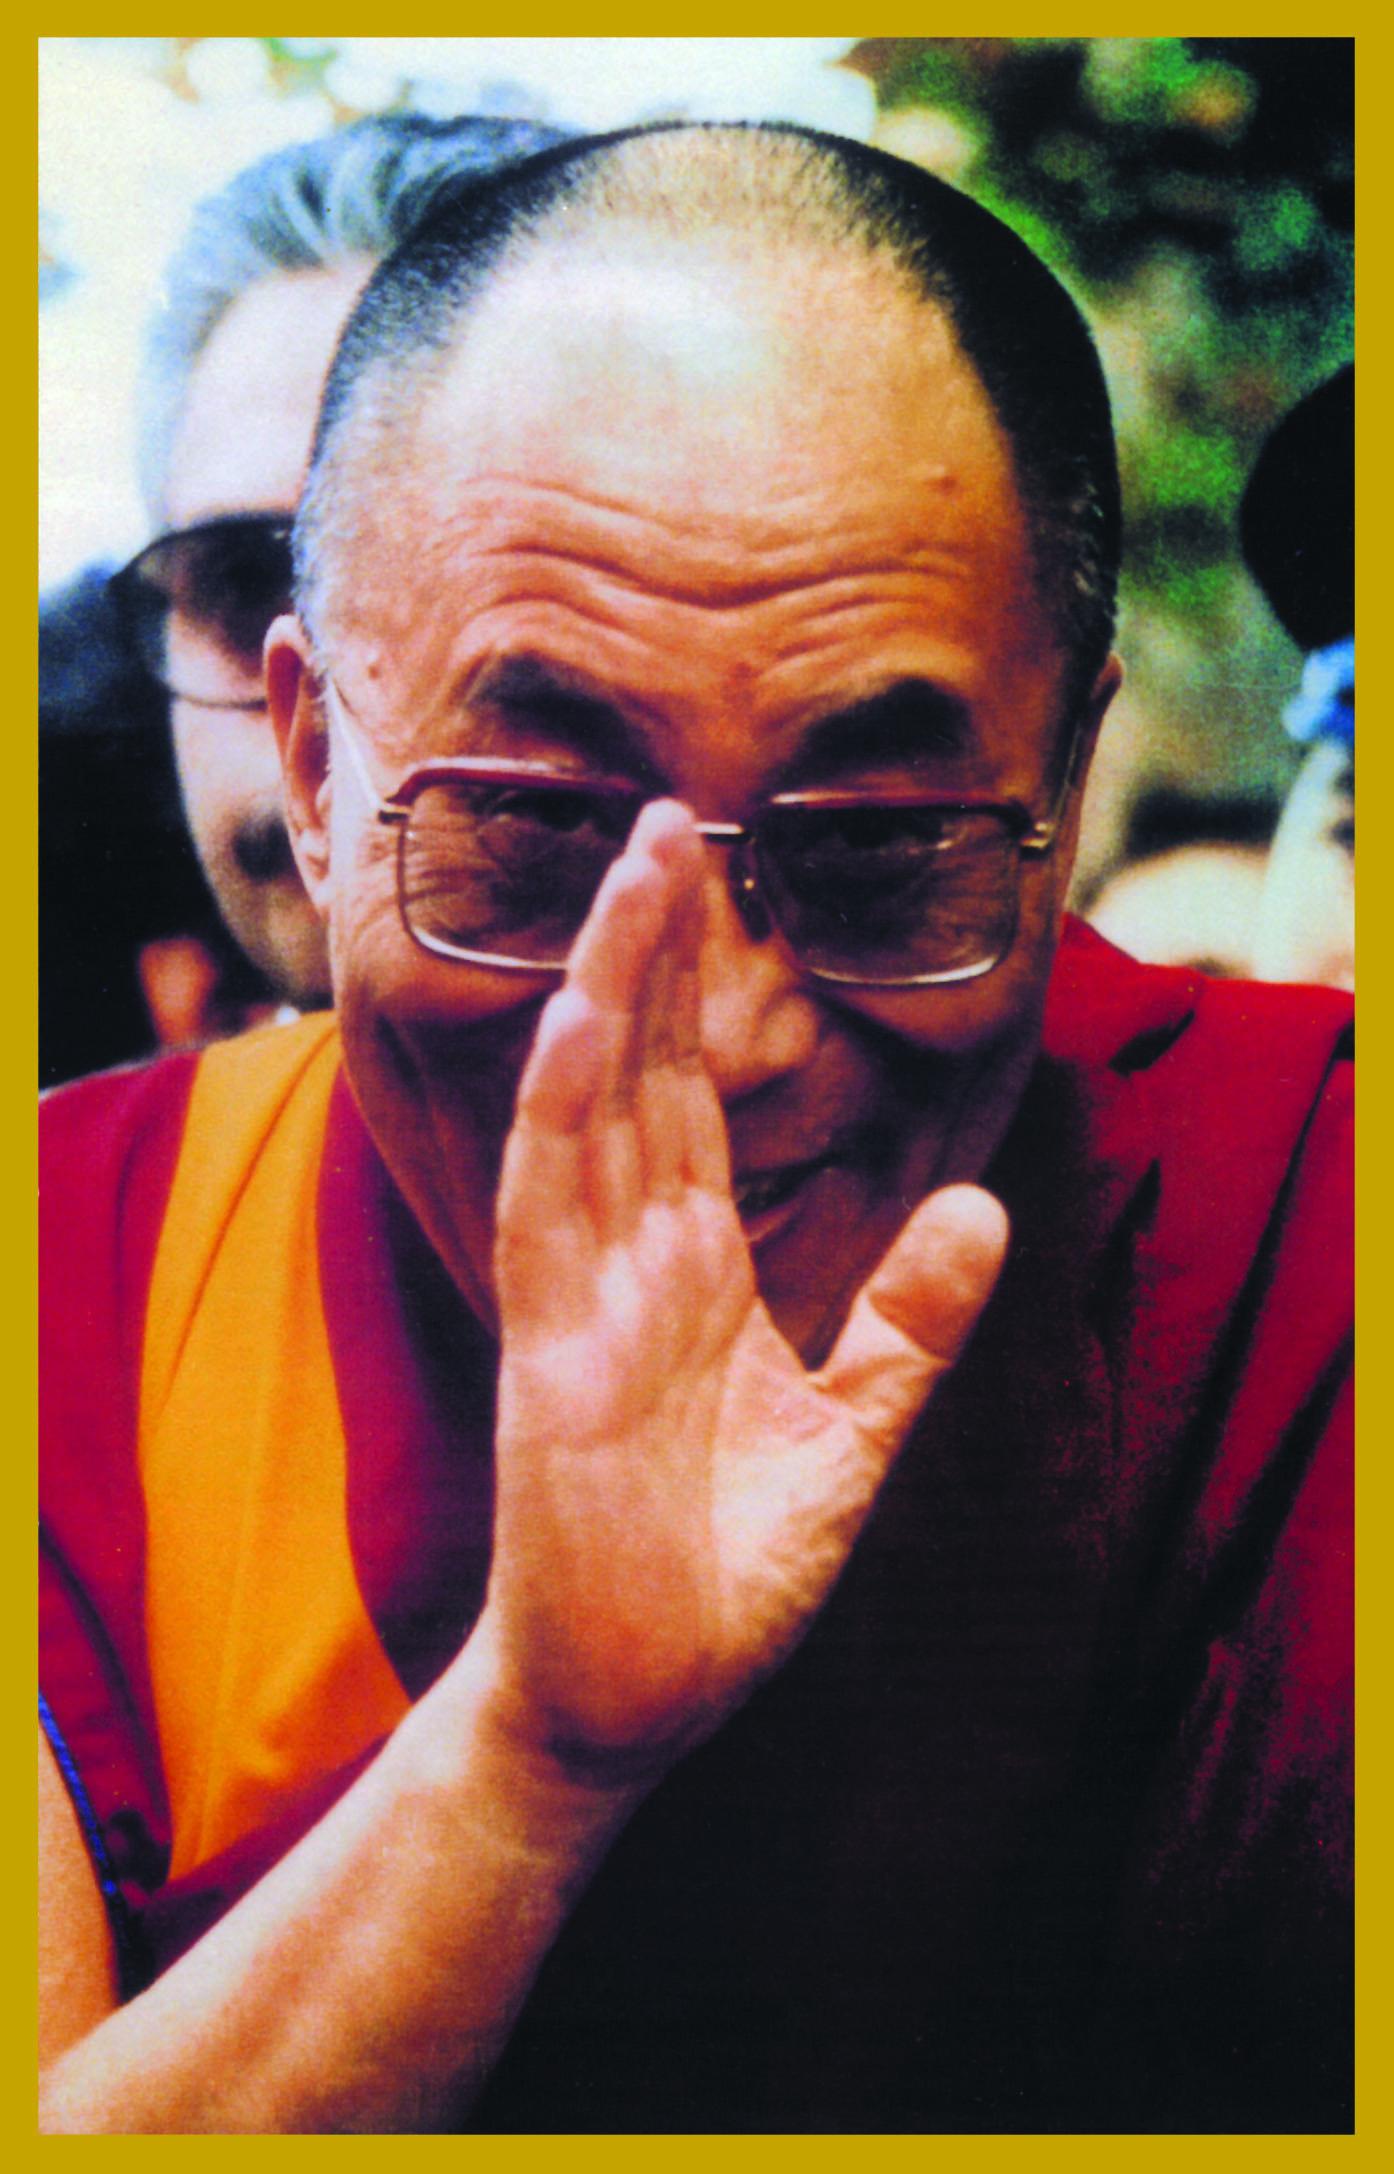 D-LAM - The Dalai LamaHis Holiness The Dalai LamaHis Holiness The Dalai Lama